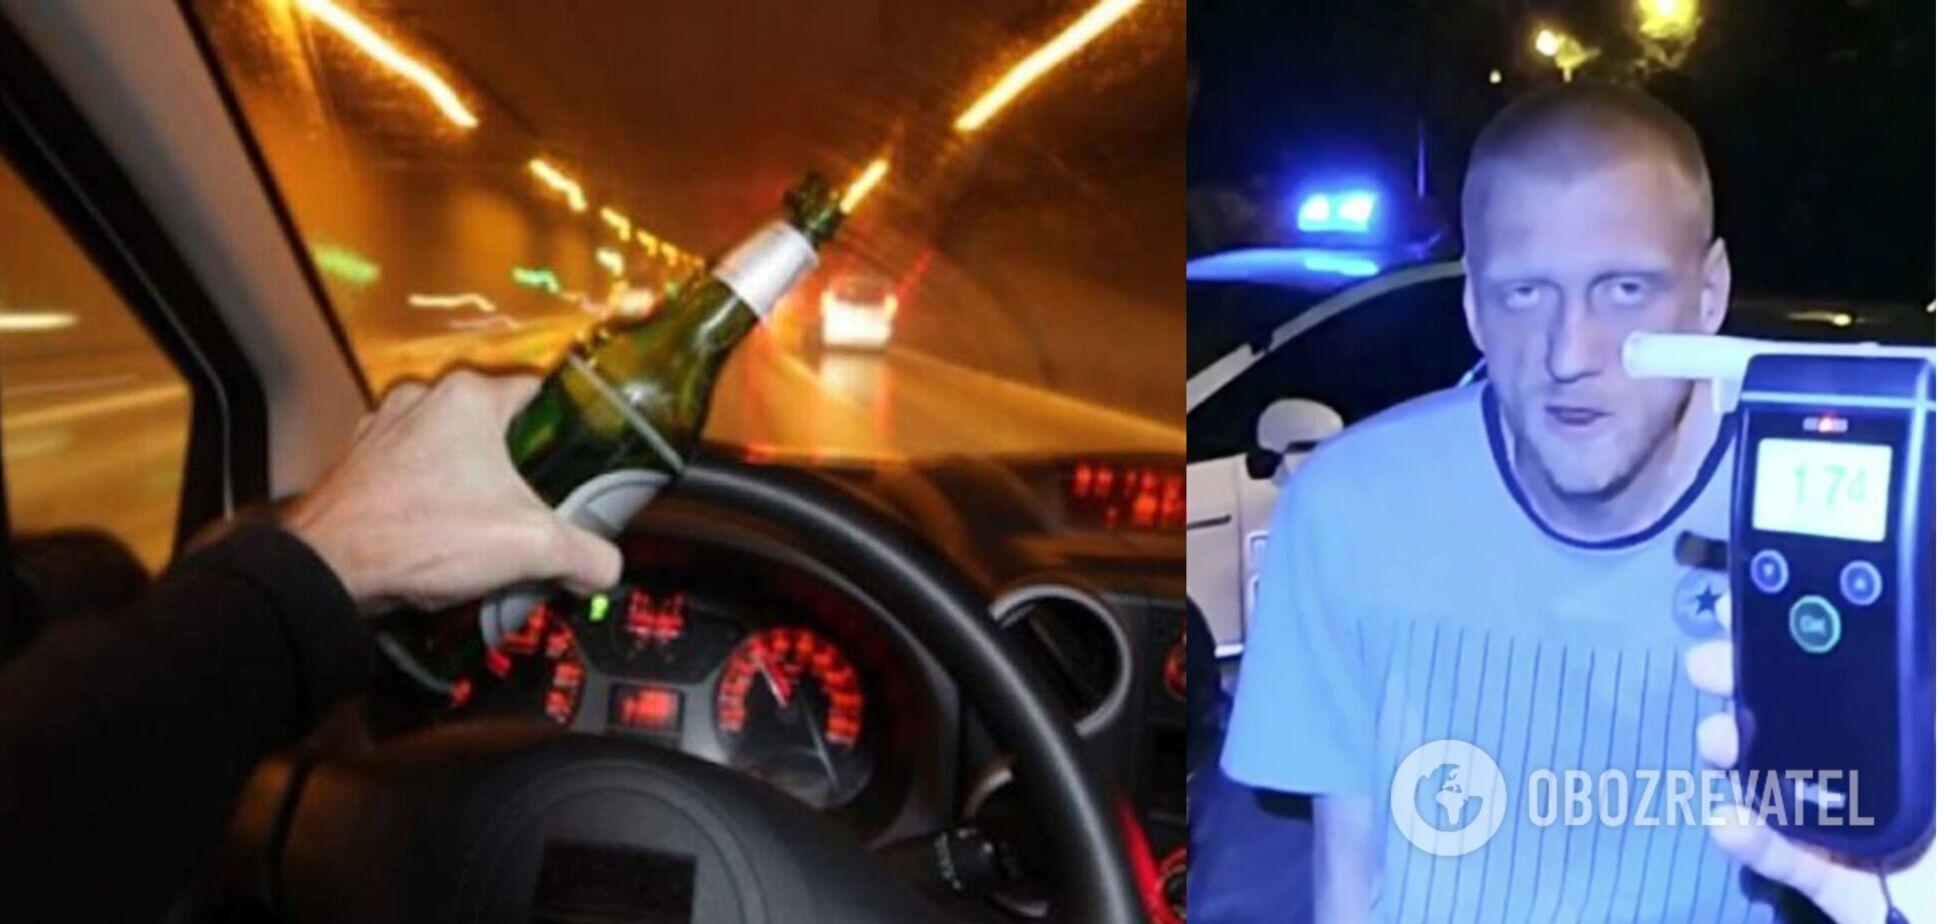 В Киеве пьяный водитель насмерть сбил женщину. Видео с места ДТП